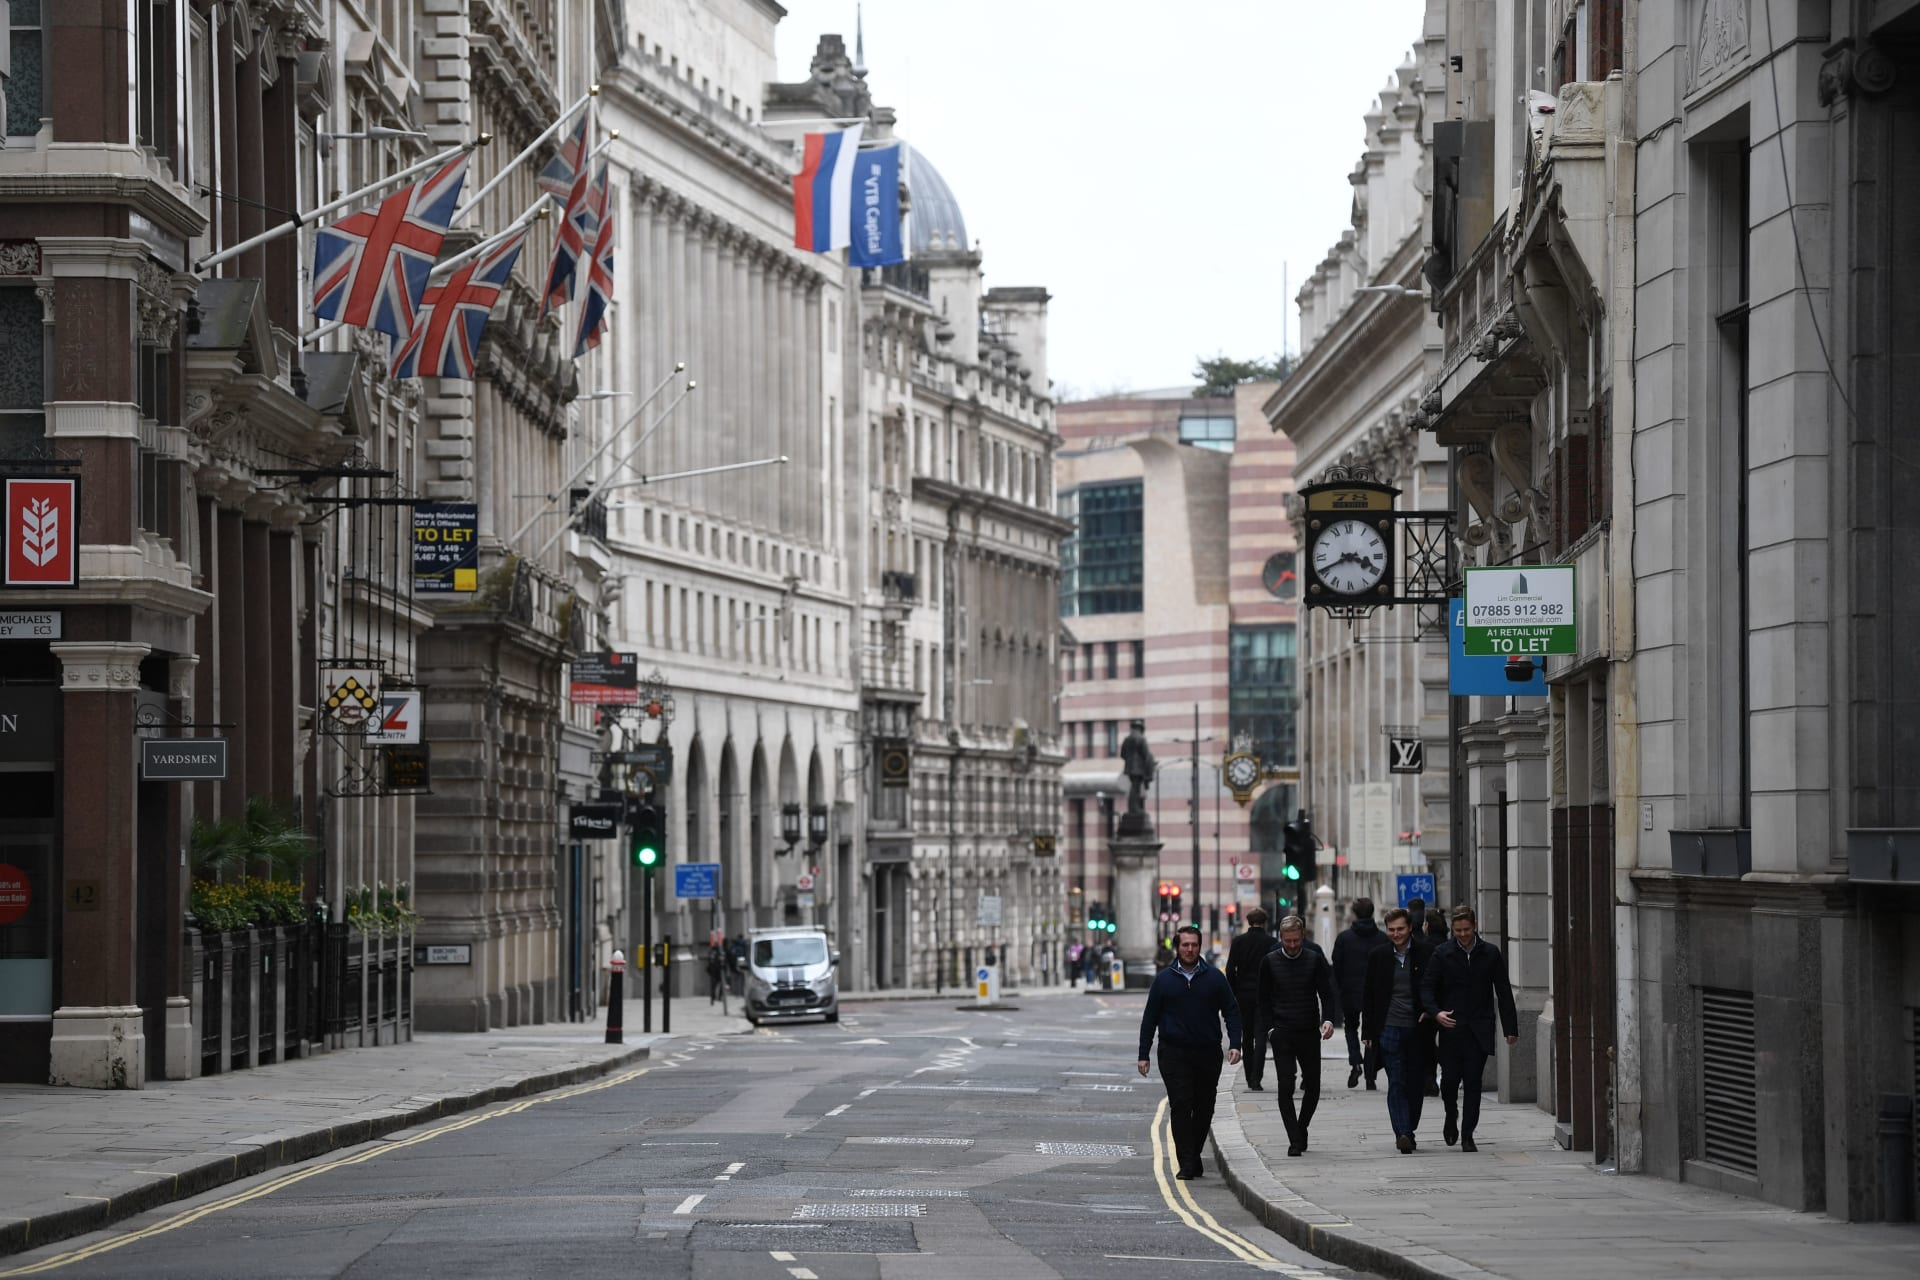 مشاة يسيرون في شوارع مدينة لندن في 24 مارس 2021 حيث تستمر الحياة مع إنجلترا بعد خارطة طريق حكومية لتخفيف قيود إغلاق فيروس كورونا.